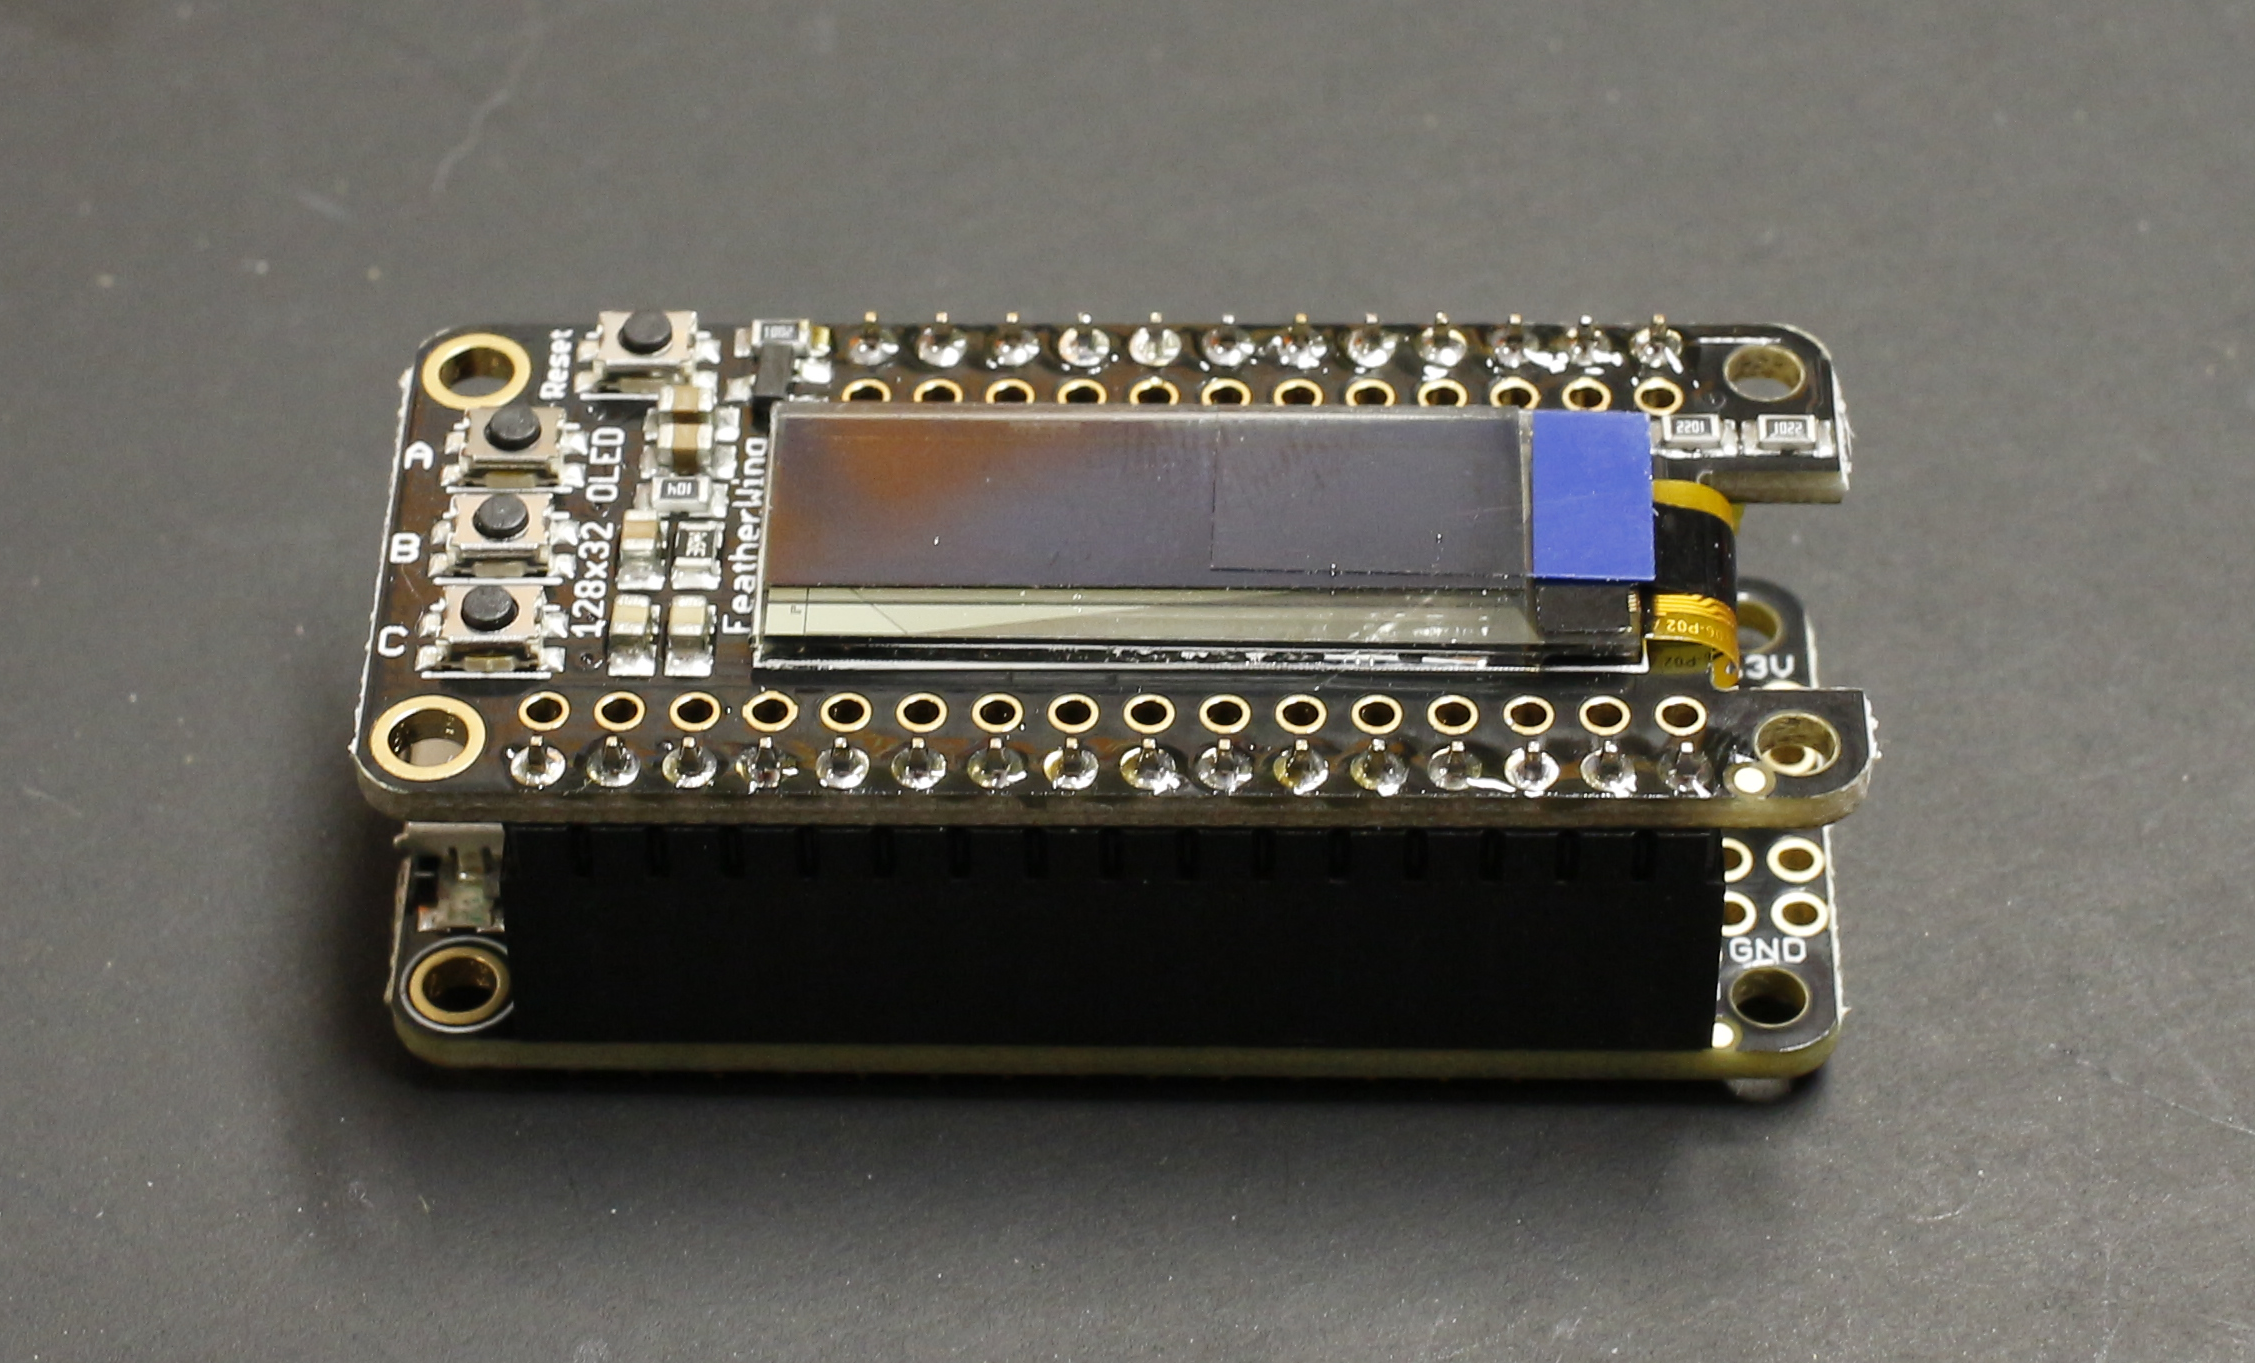 sensors__MG_9679.png